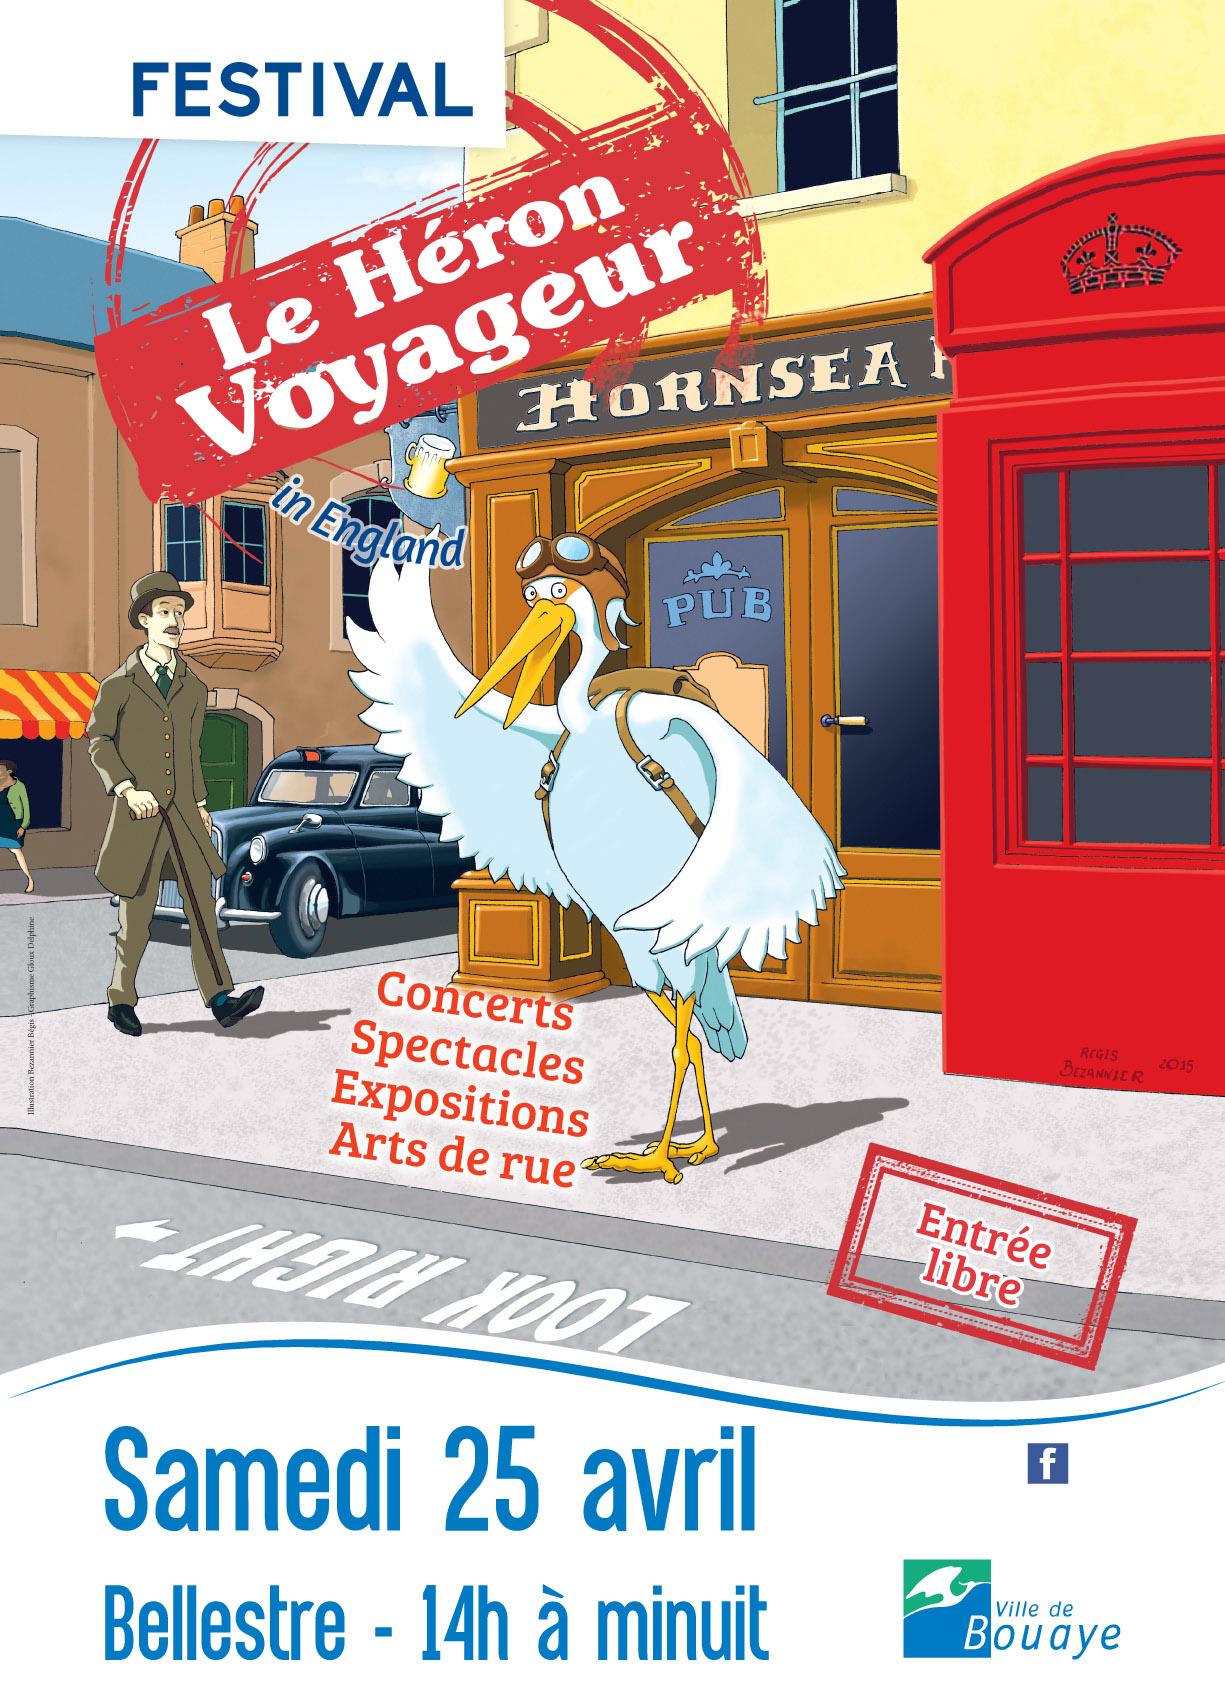 affiche festival le heron voyageur 2015